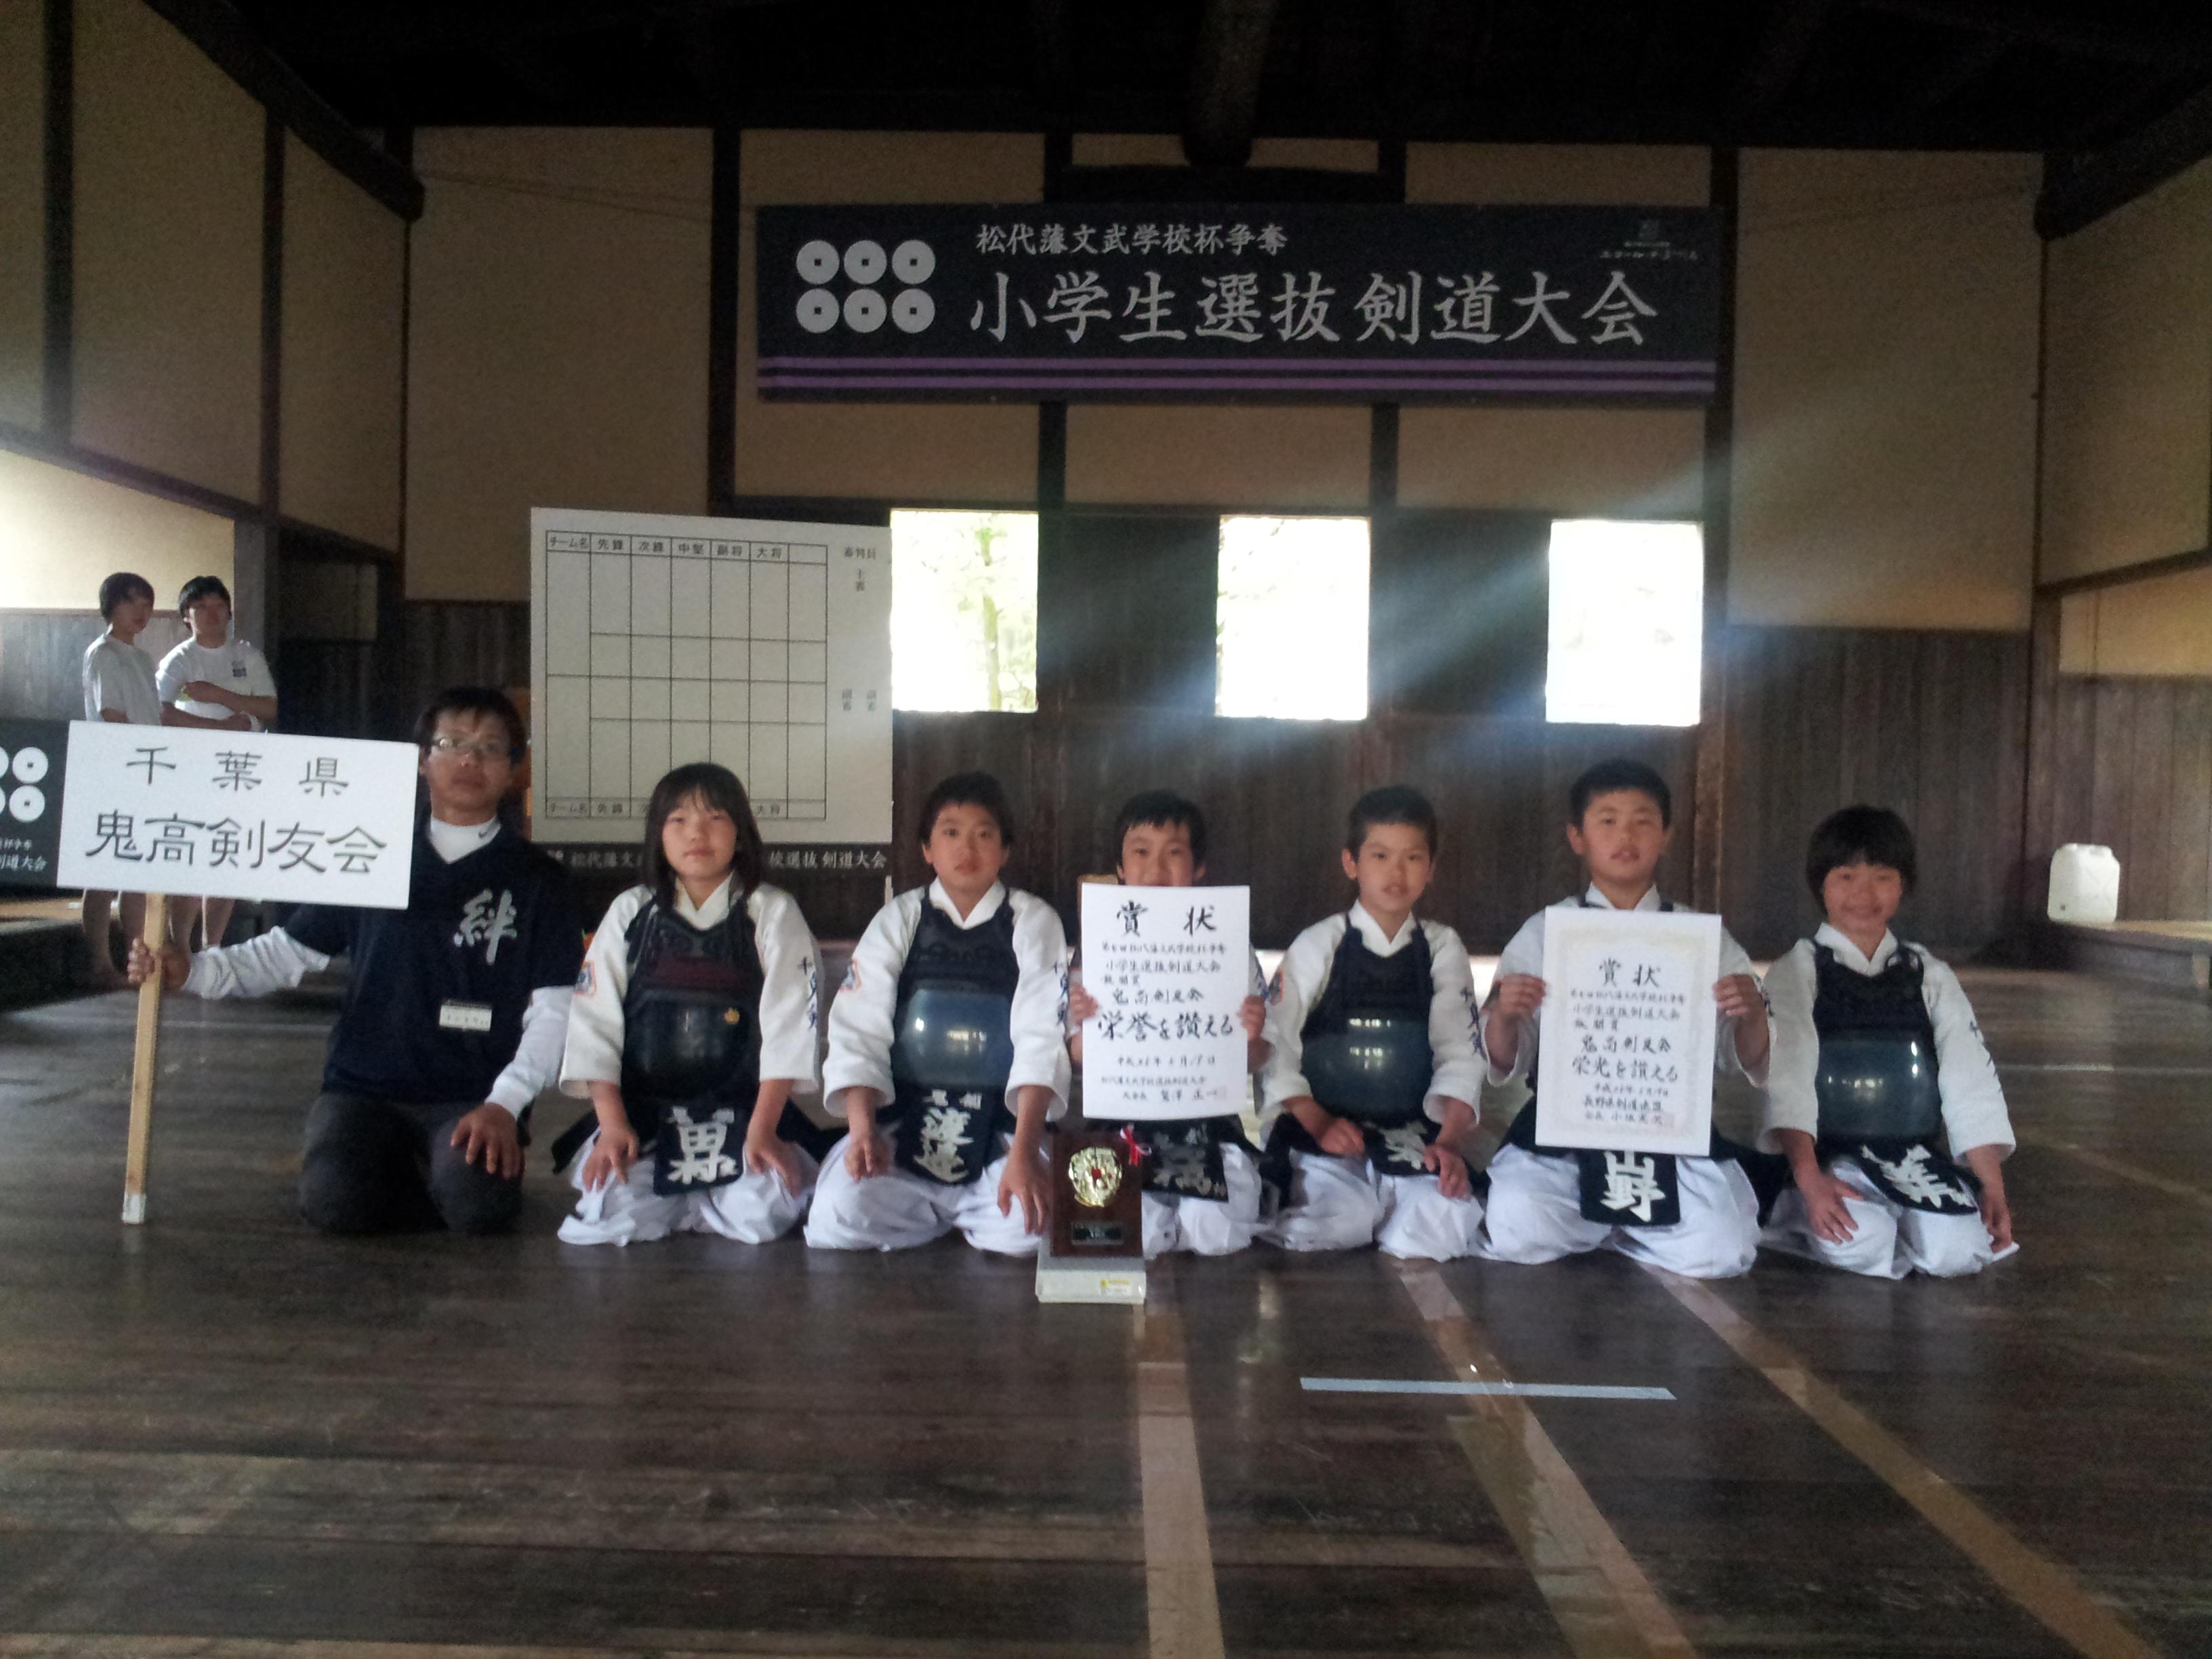 第7回松代藩文武学校杯争奪小学生選抜剣道大会